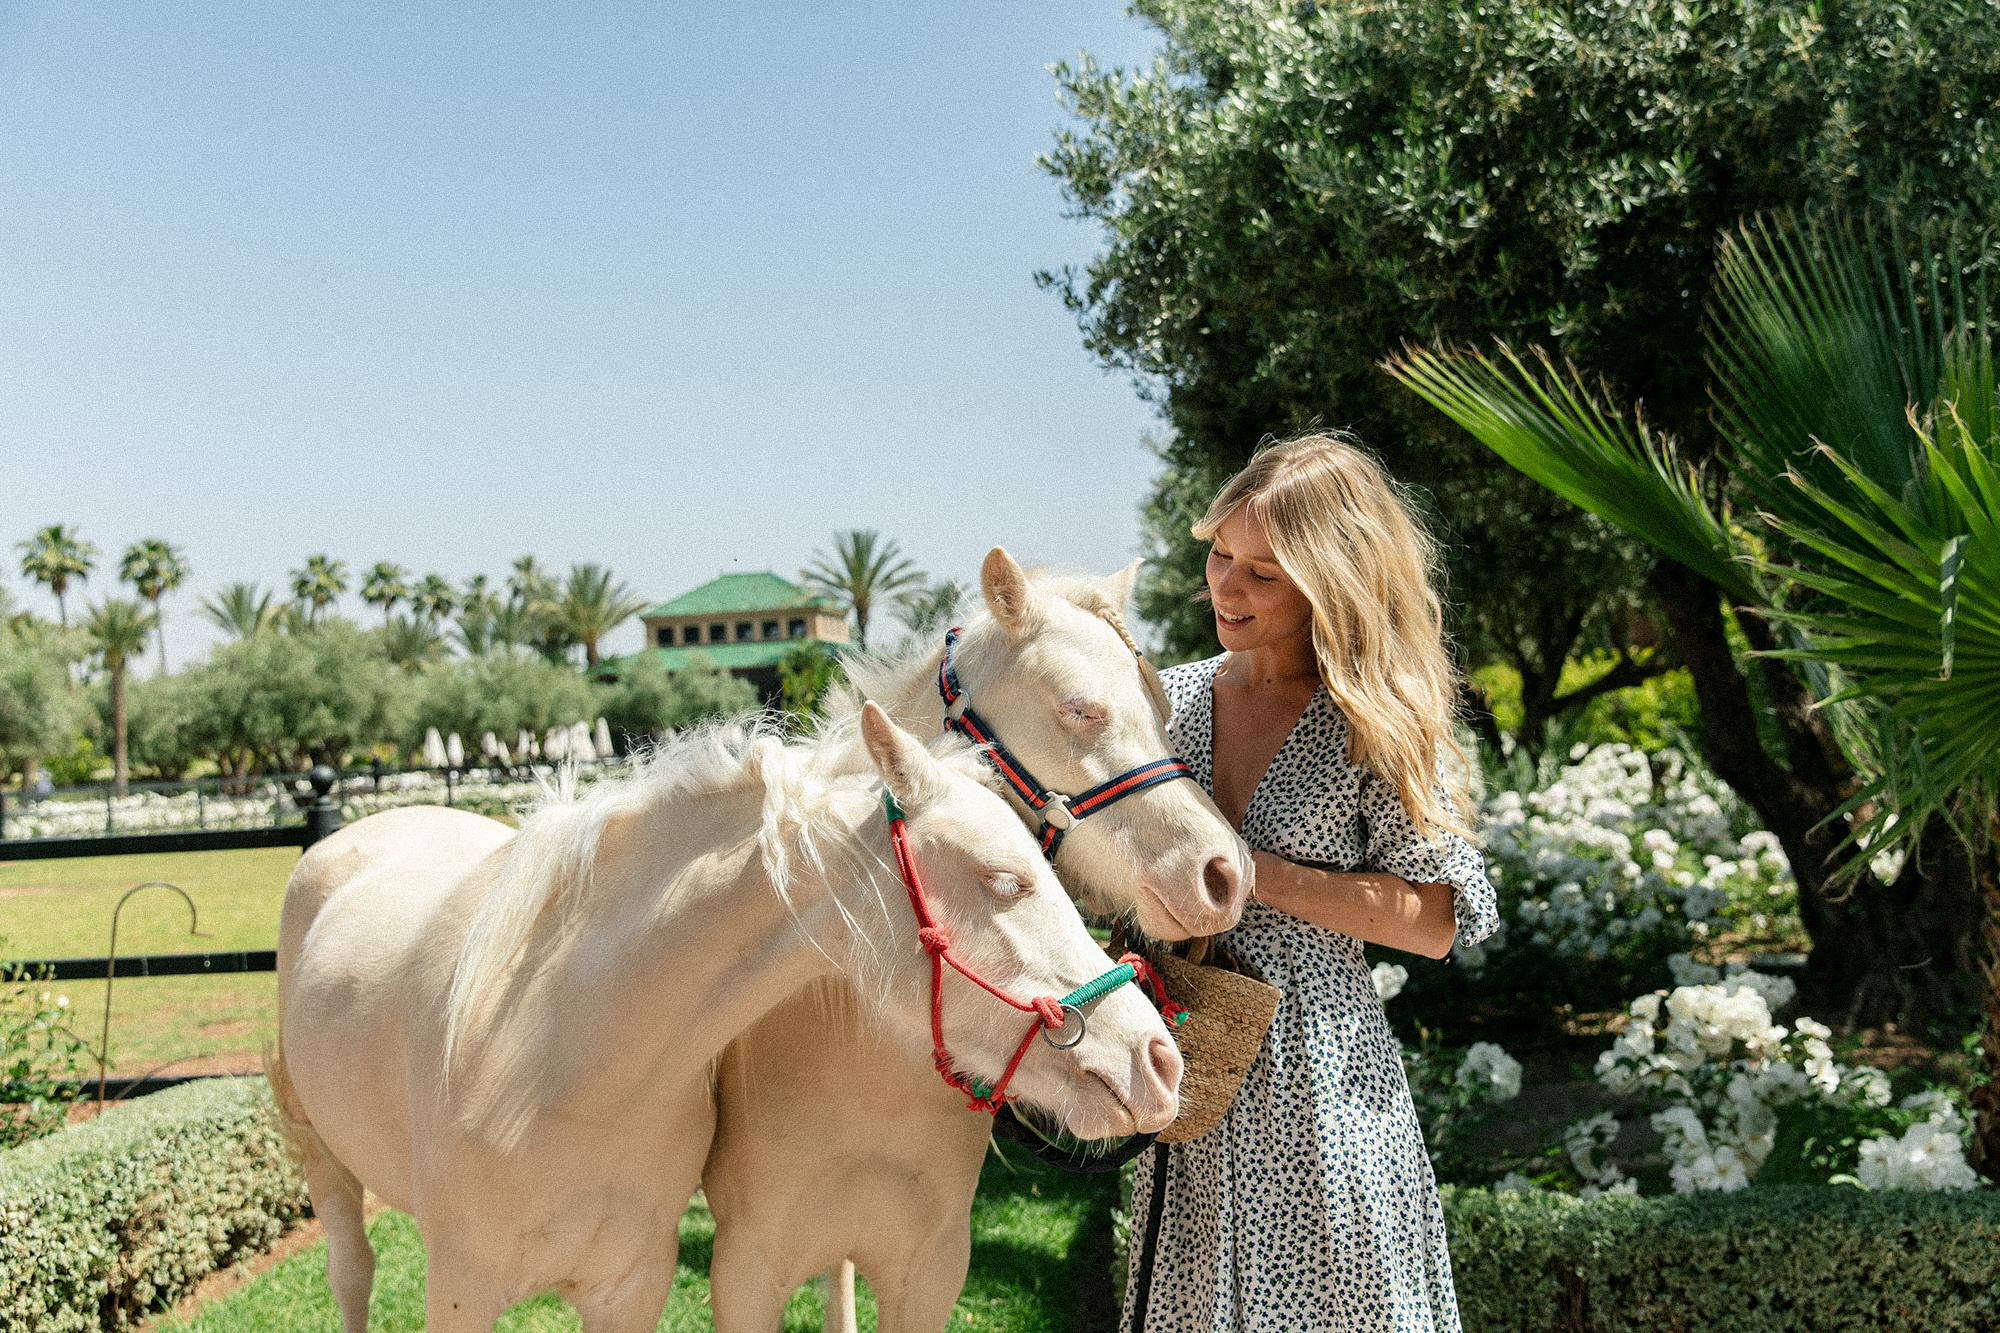 Carin_Olsson_Marrakech_06.jpg